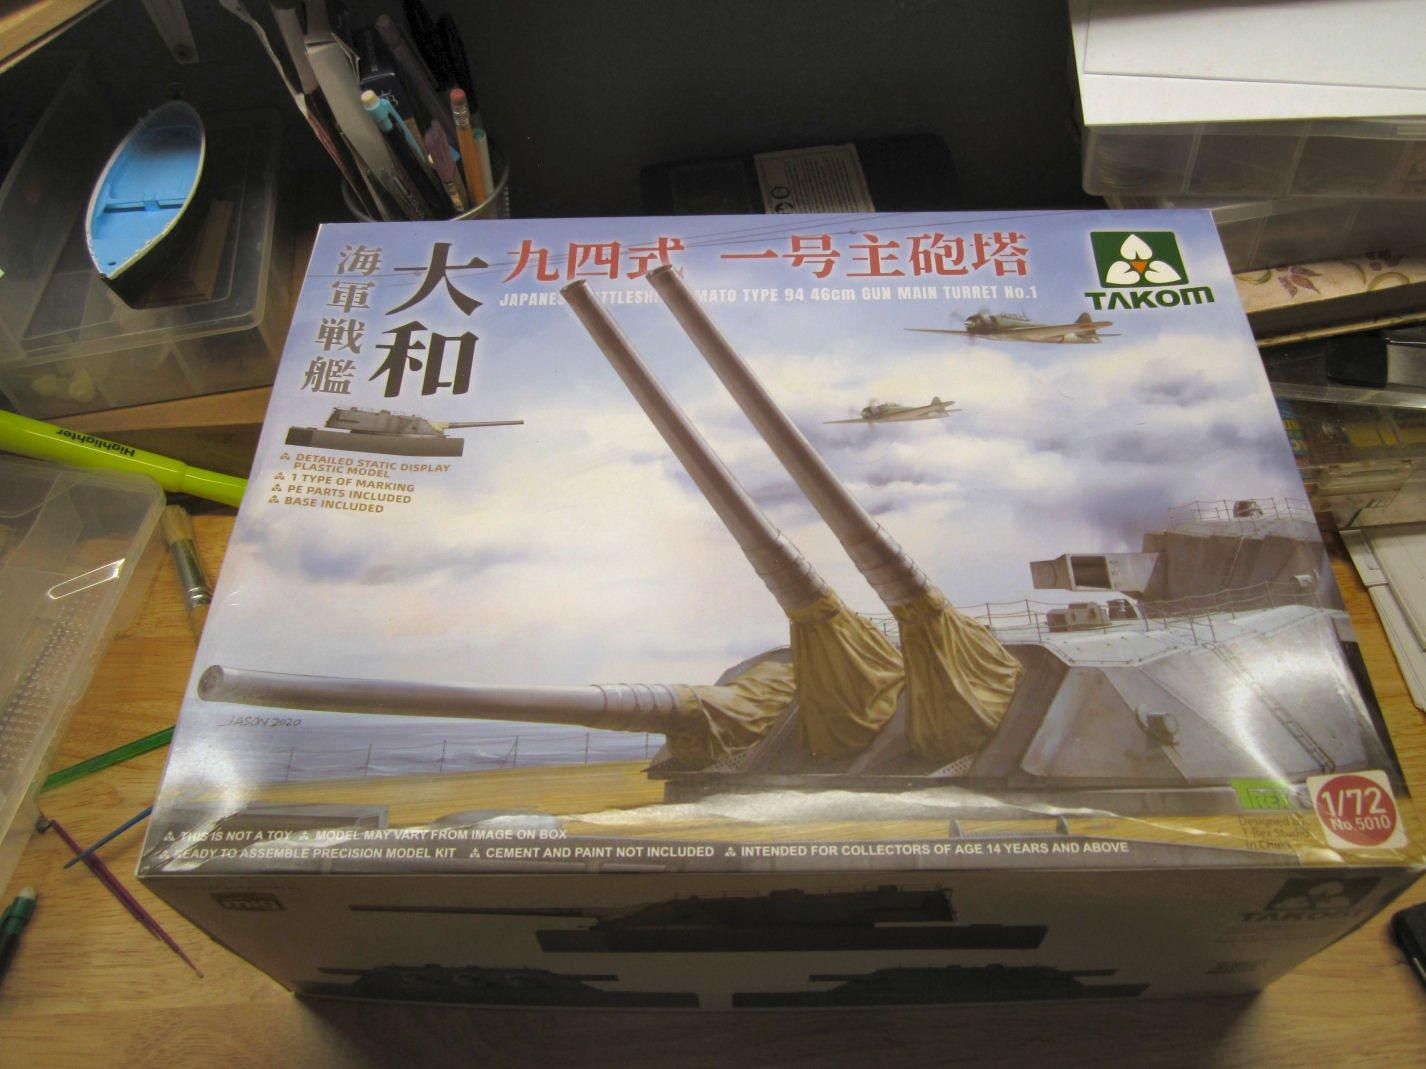 Yamato_001.JPG.f7dd0ec2ff50cfabc2663b6b5c9cb6bc.JPG